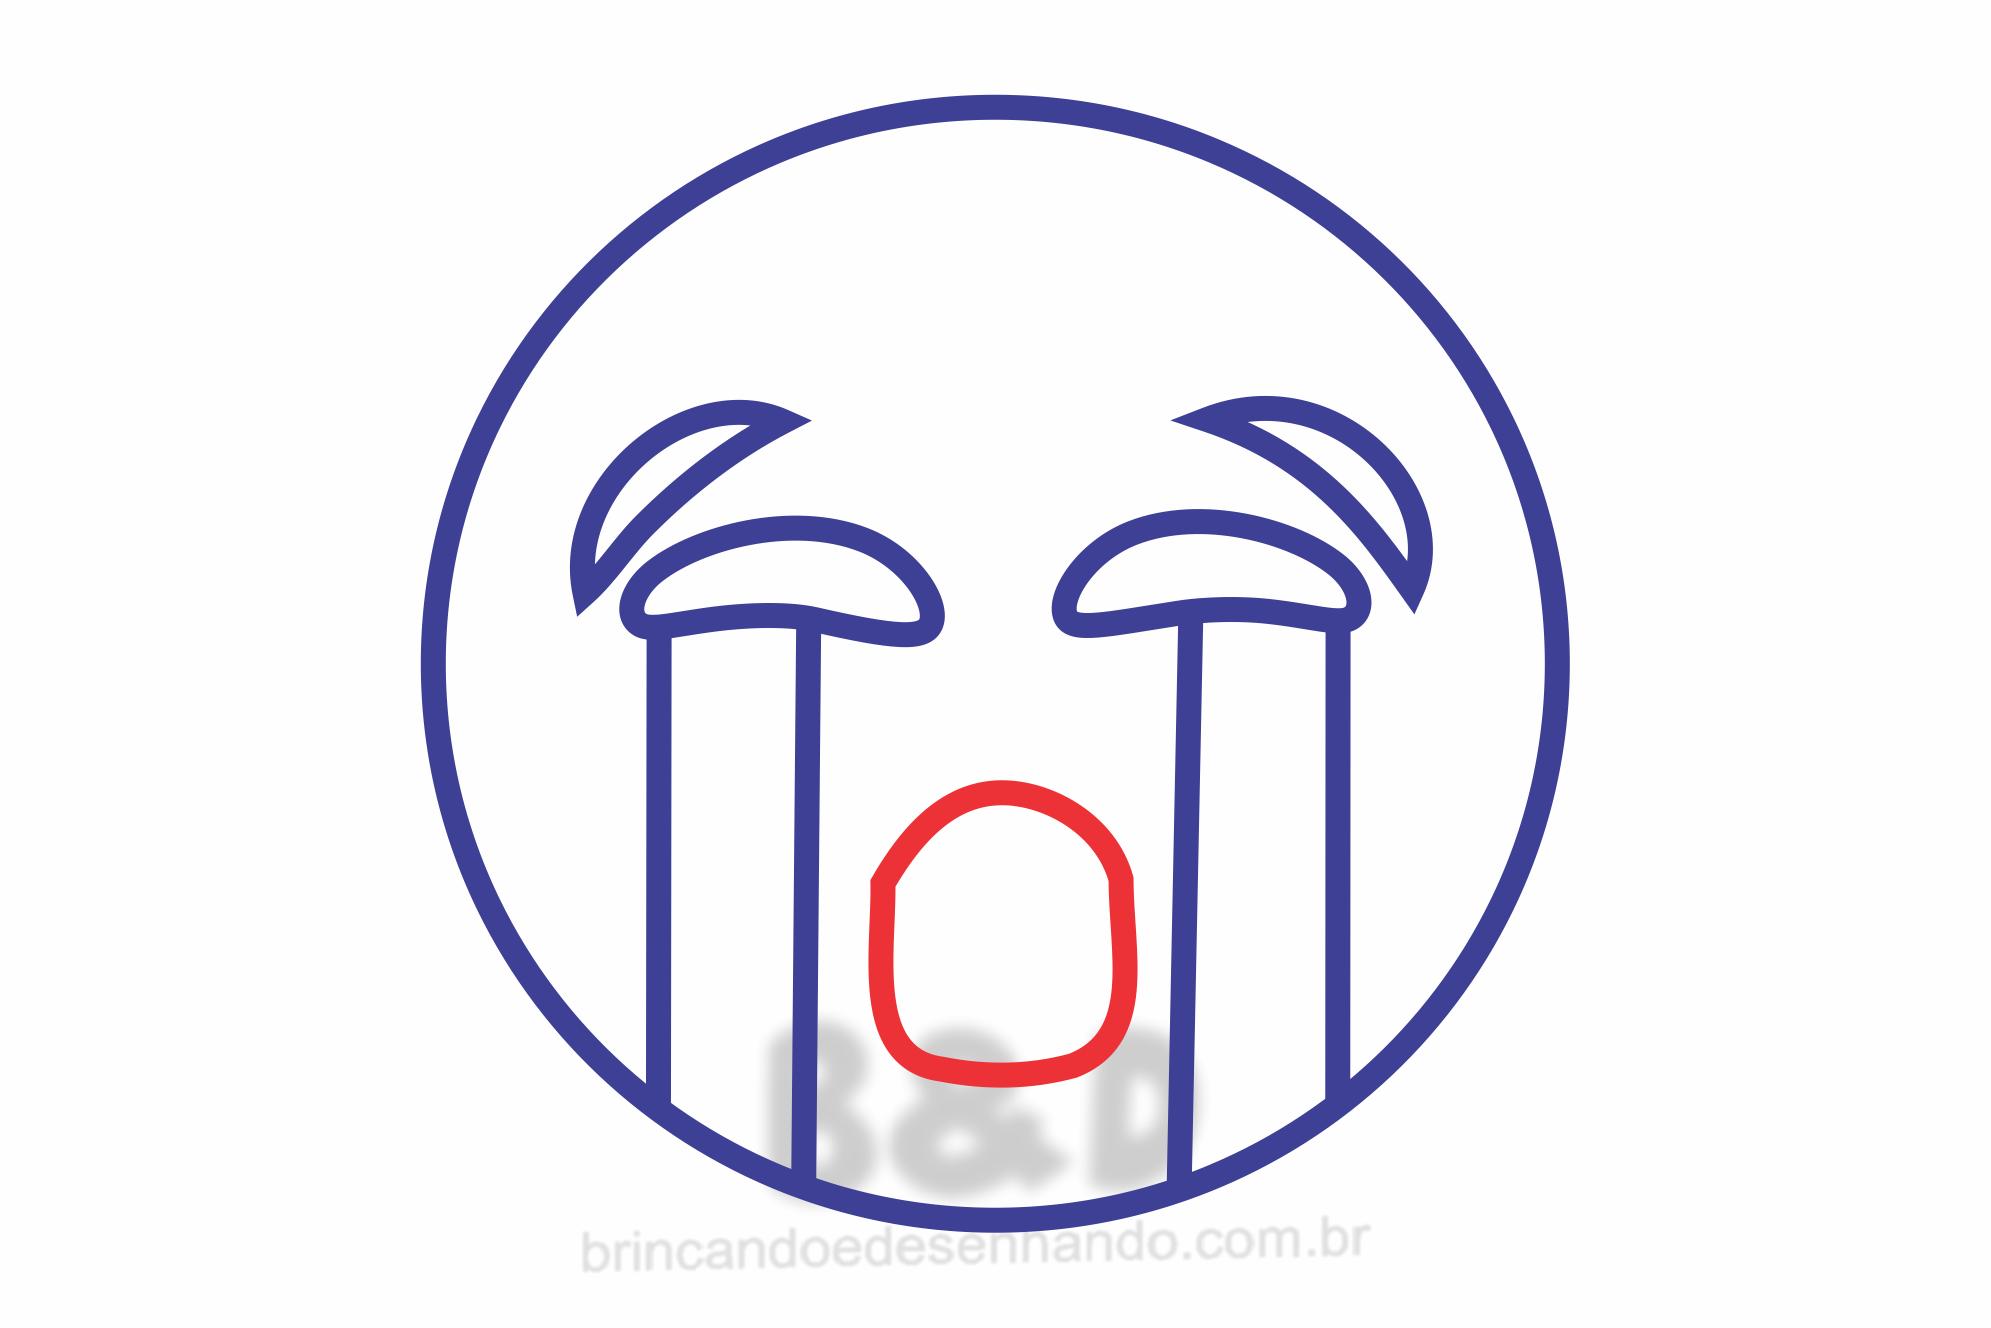 Como Desenhar Emojis Chorando Whatsapp Brincando E Desenhando